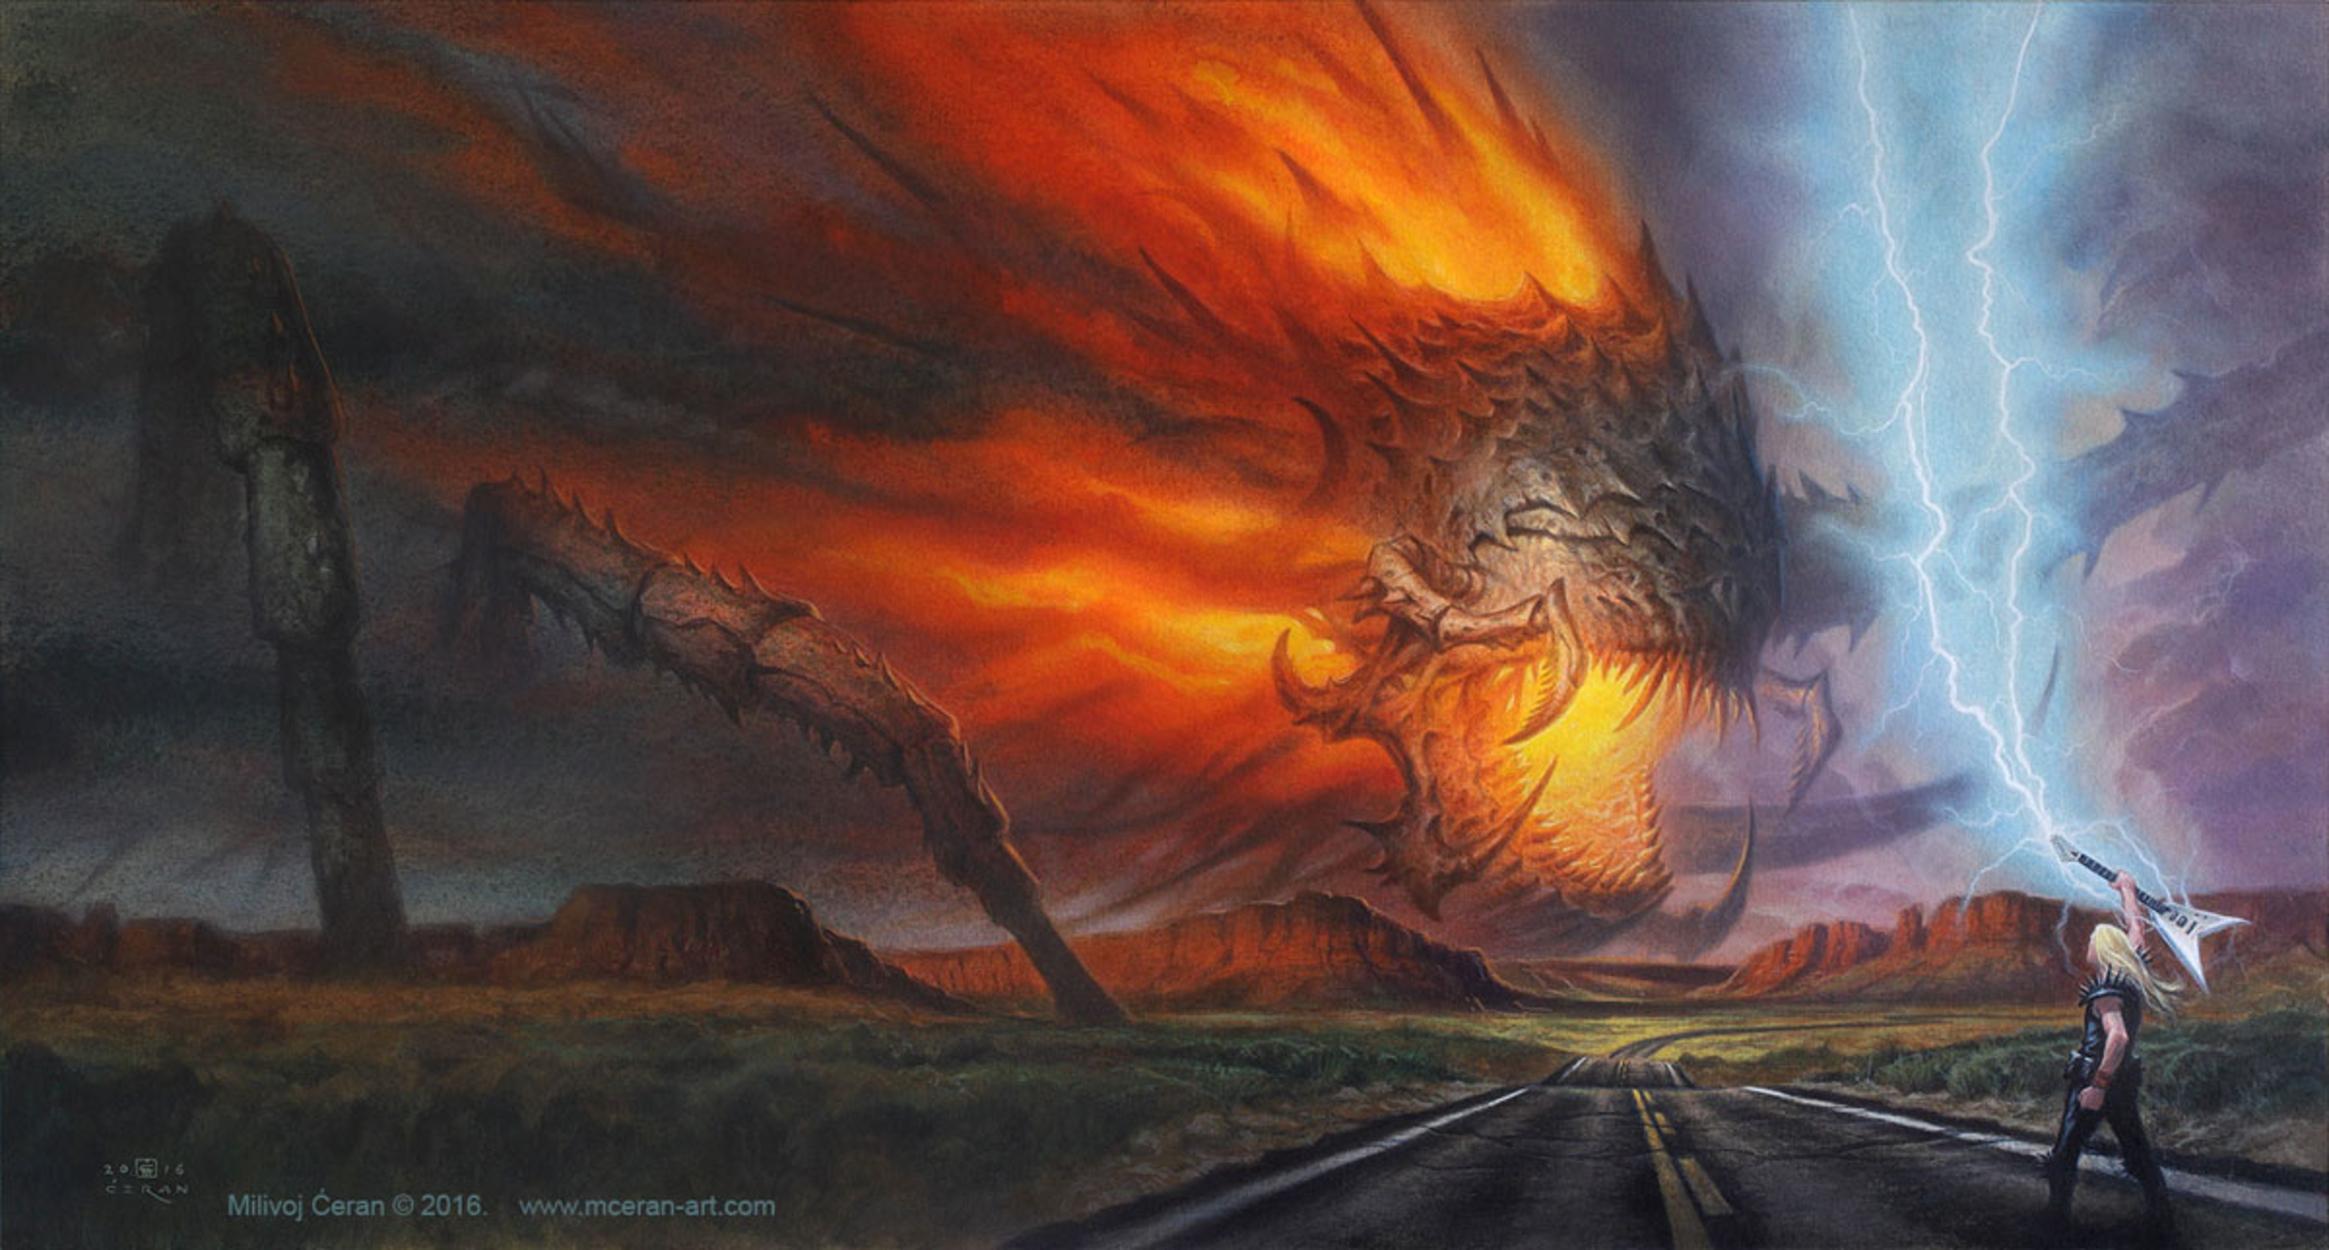 World in Fear Artwork by Milivoj Ceran